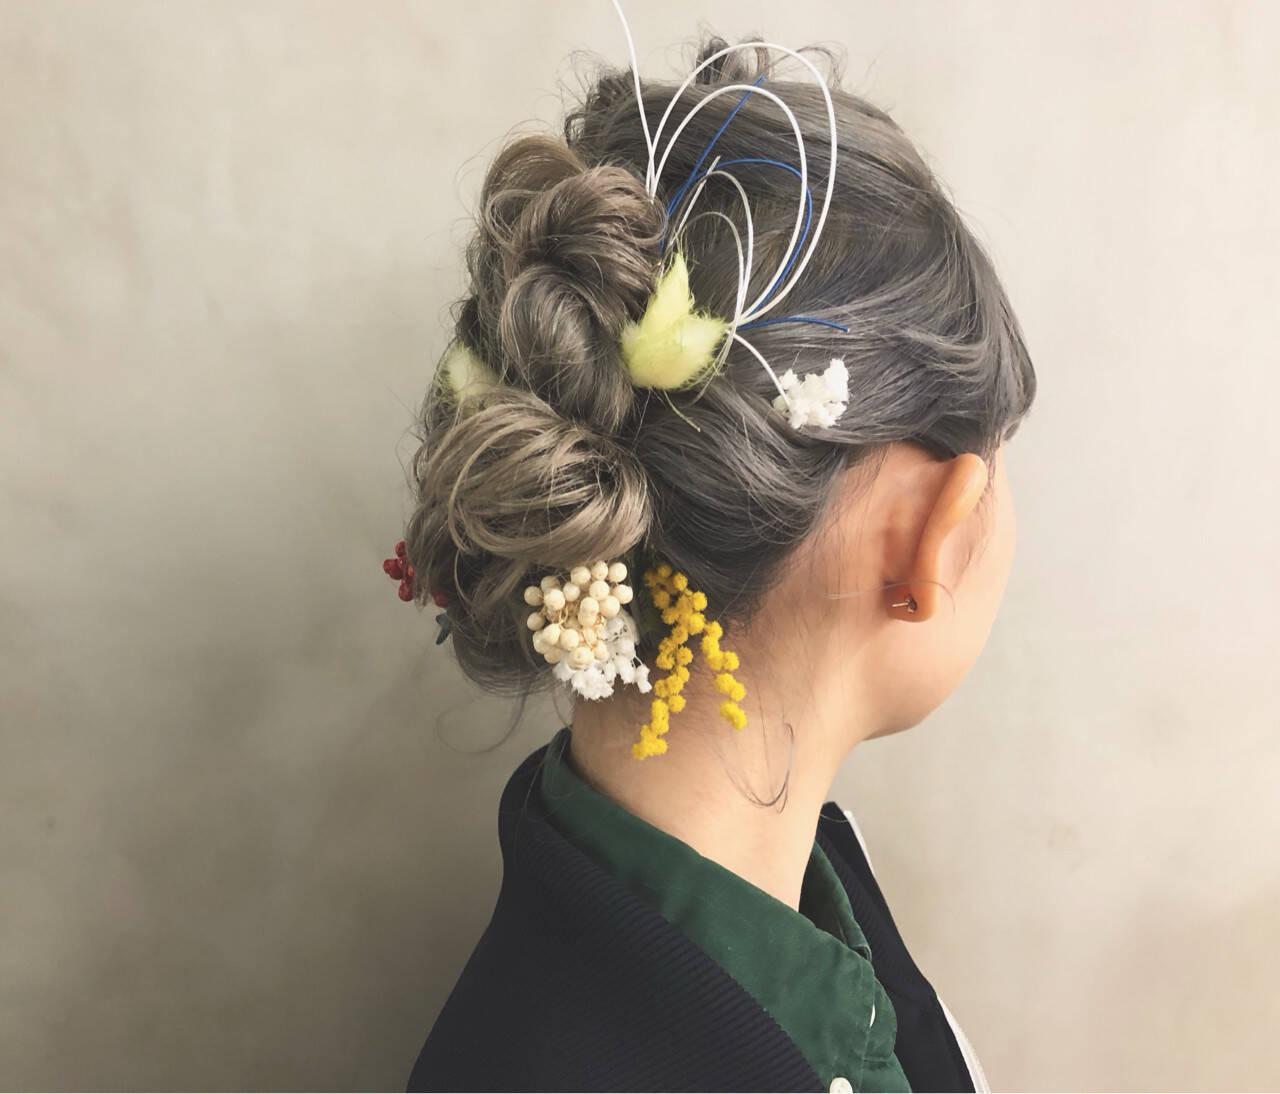 ミディアム ヘアアレンジ 謝恩会 簡単ヘアアレンジヘアスタイルや髪型の写真・画像